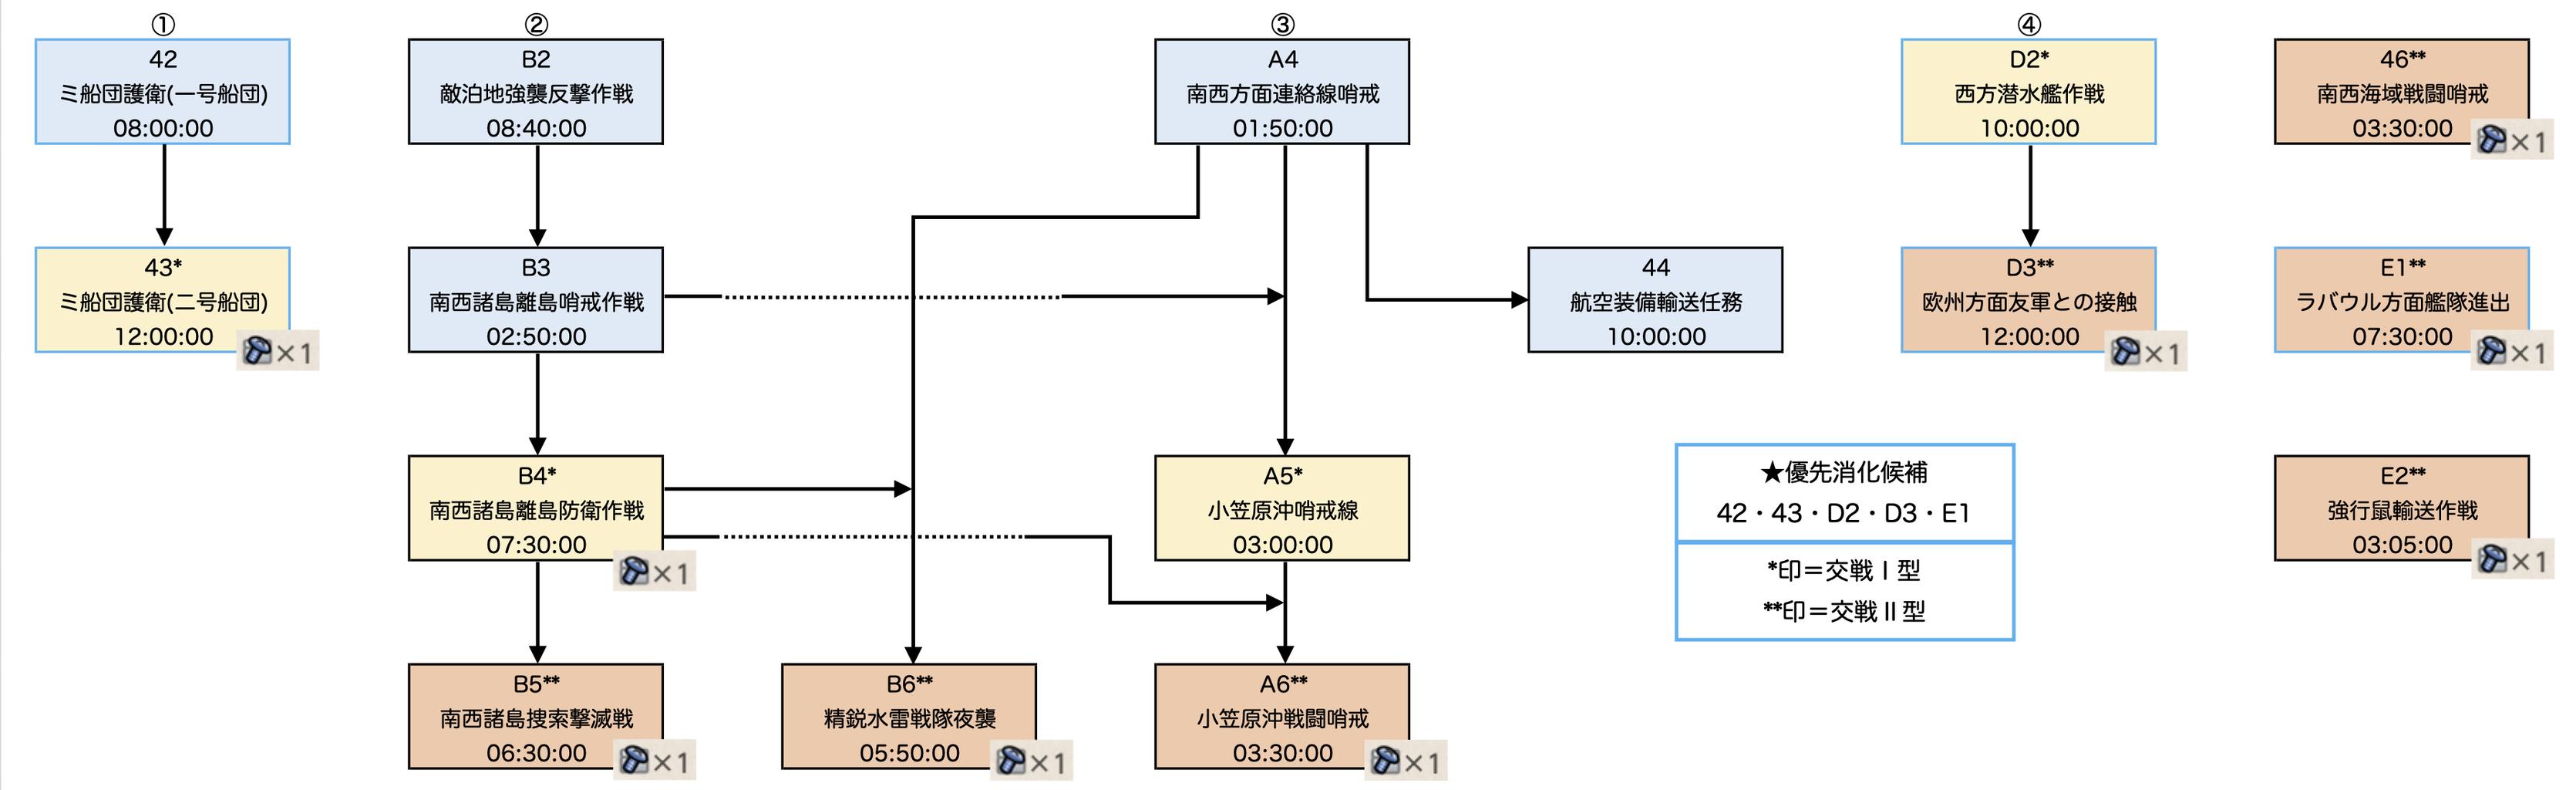 小笠原 沖 哨戒 線